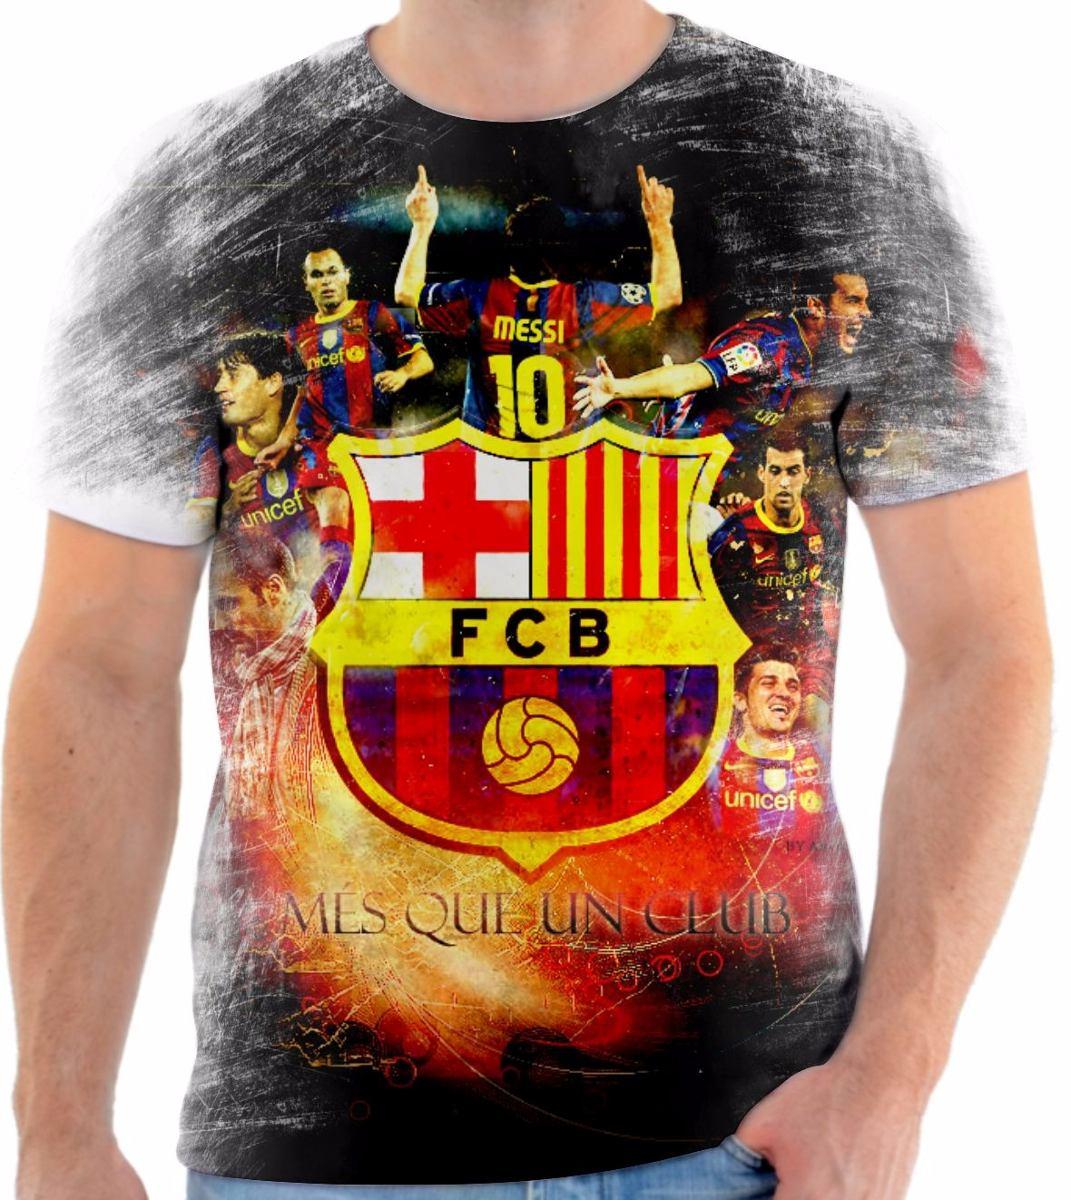 camisa camiseta personalizada do time barcelona. Carregando zoom. 352e701ddd6d4